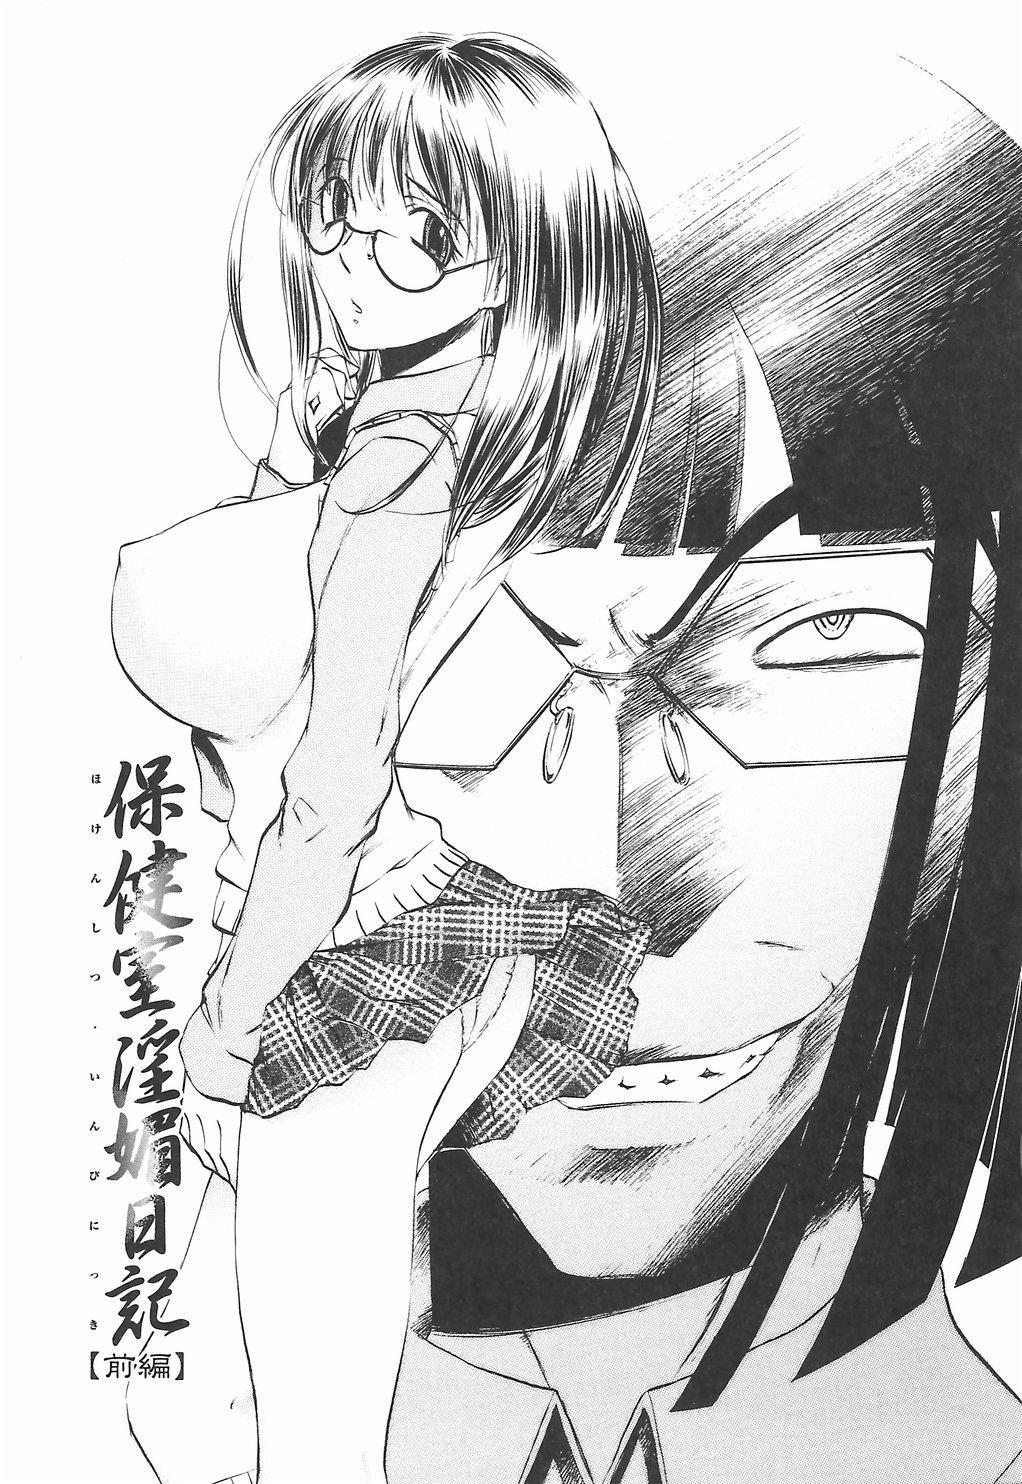 [Yuuki Tsumugi] Oshiete Ane-Tea - Teach me! my sister teacher. 58